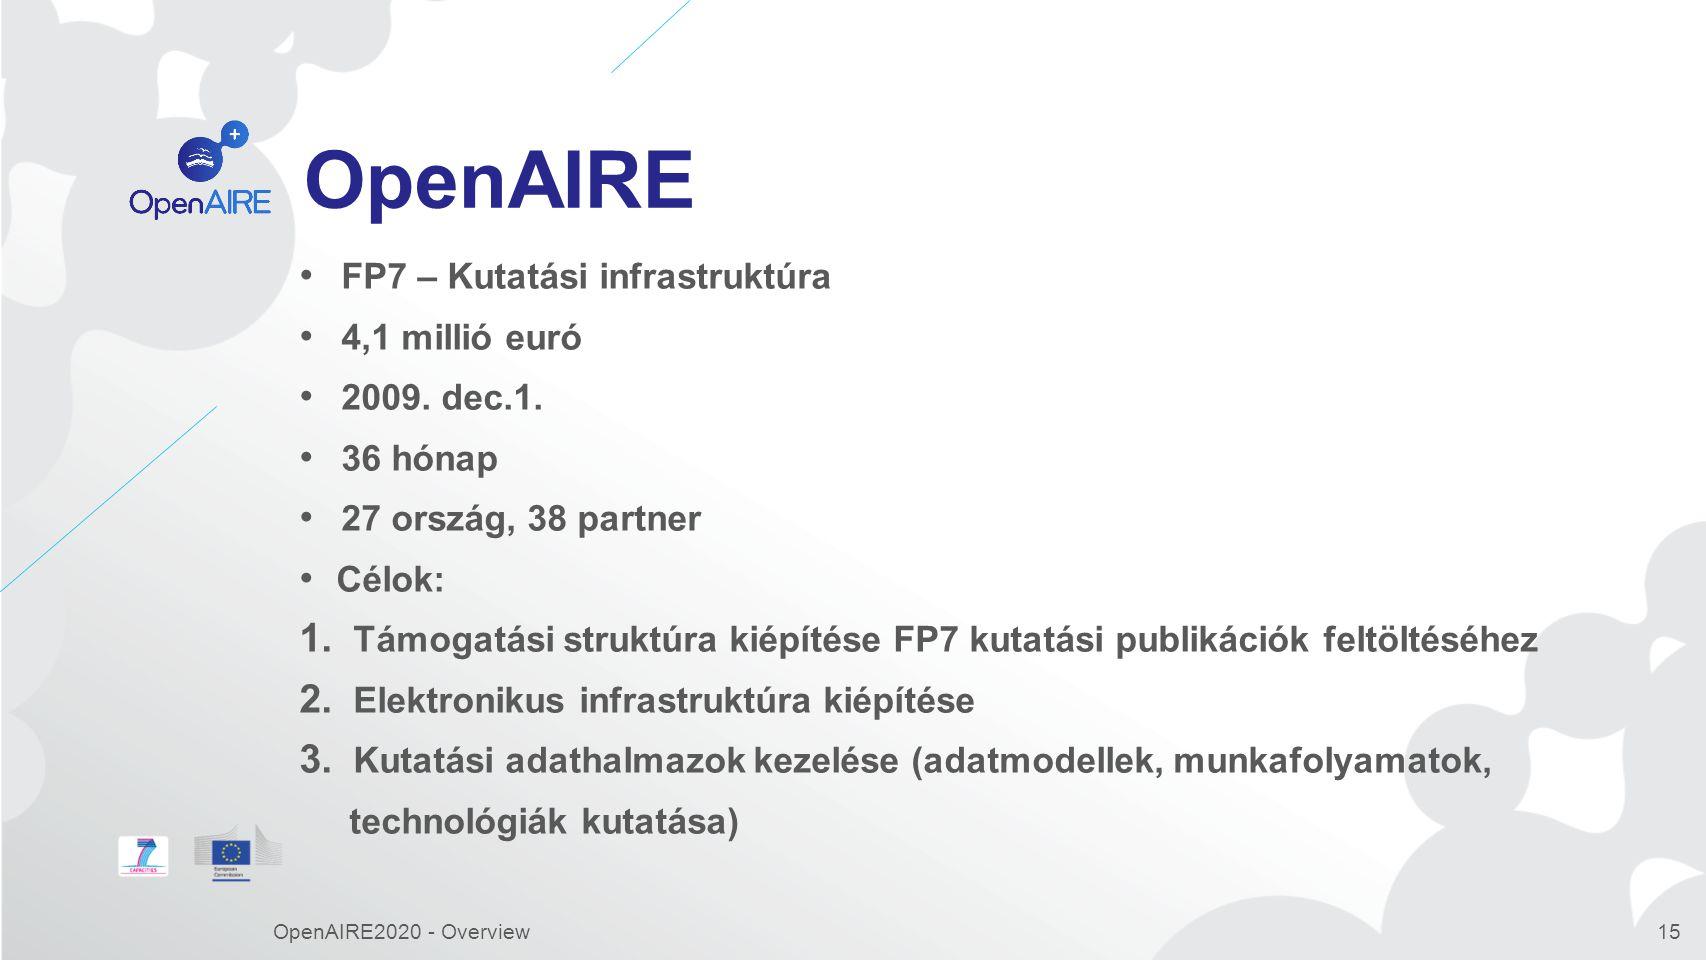 OpenAIRE FP7 – Kutatási infrastruktúra 4,1 millió euró 2009. dec.1.